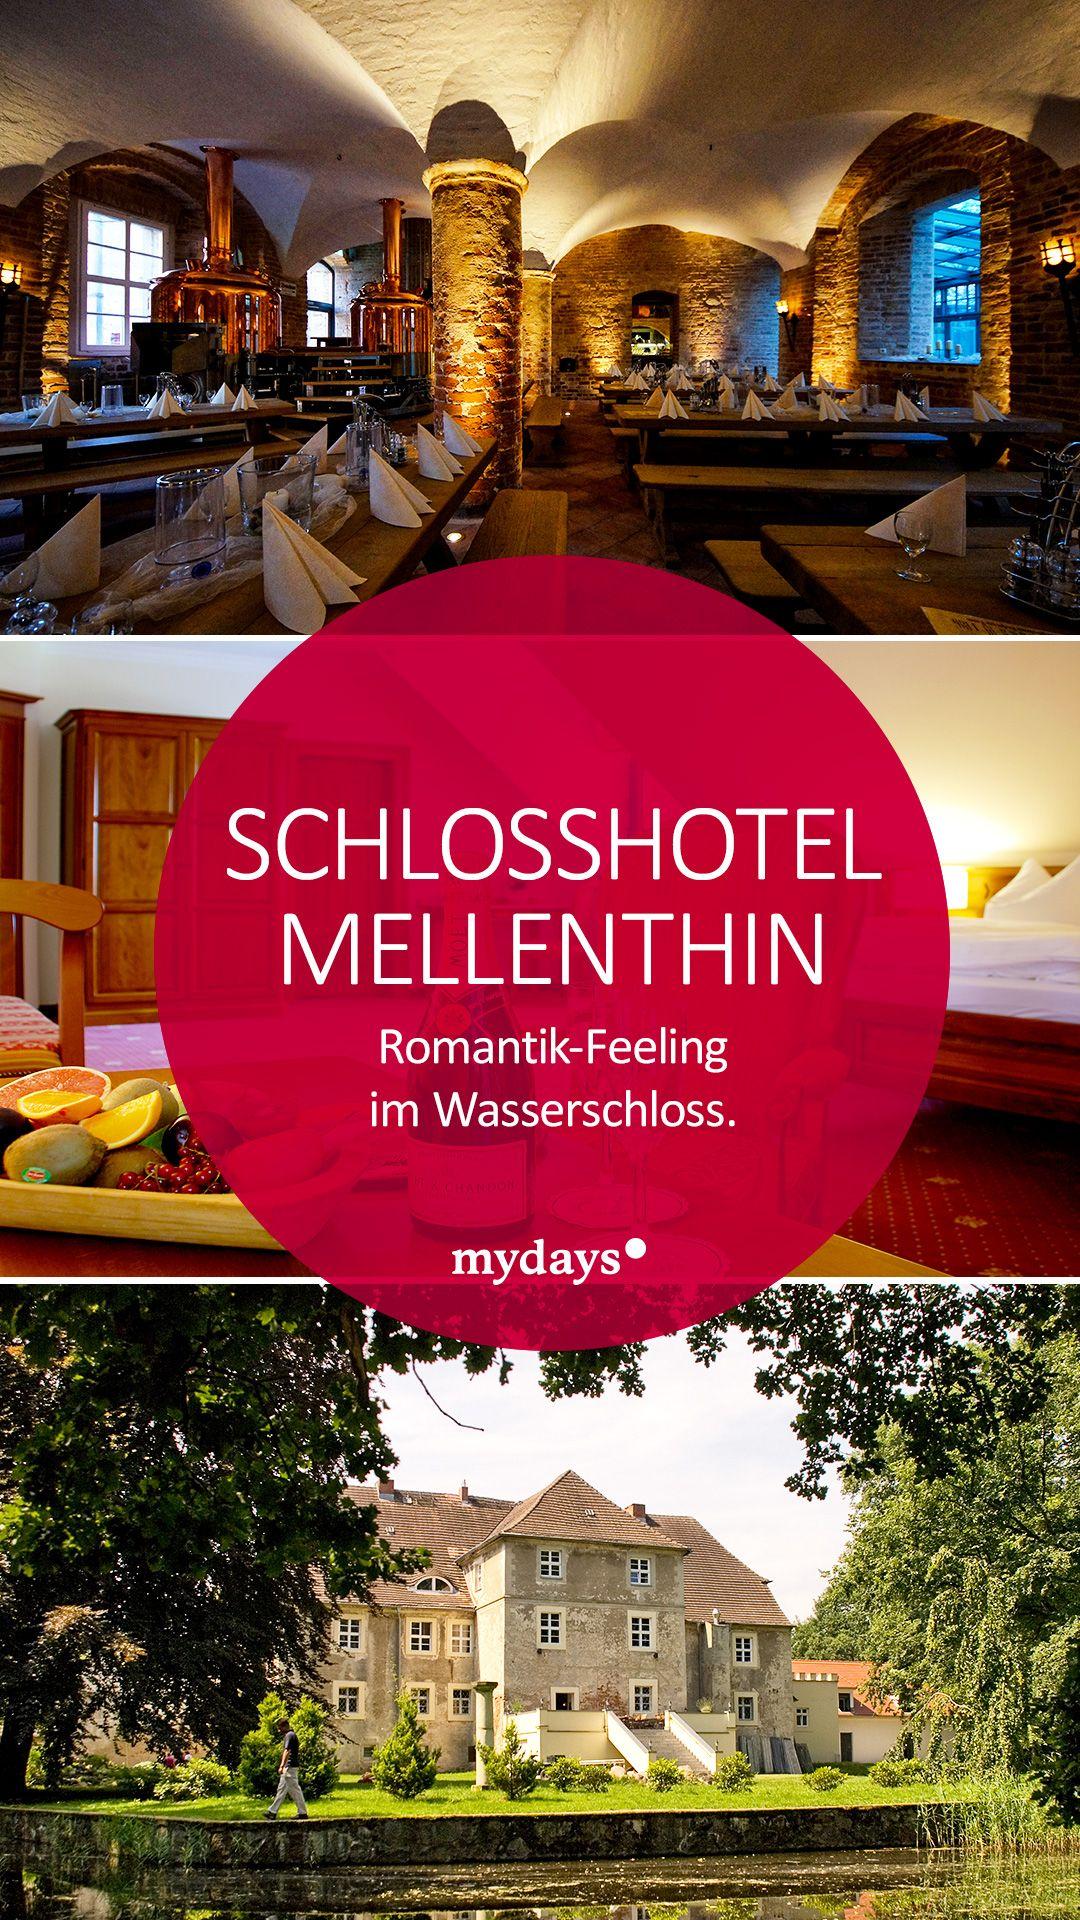 Schlosshotels Mellenthin Hotel gast, Schloss und Reise